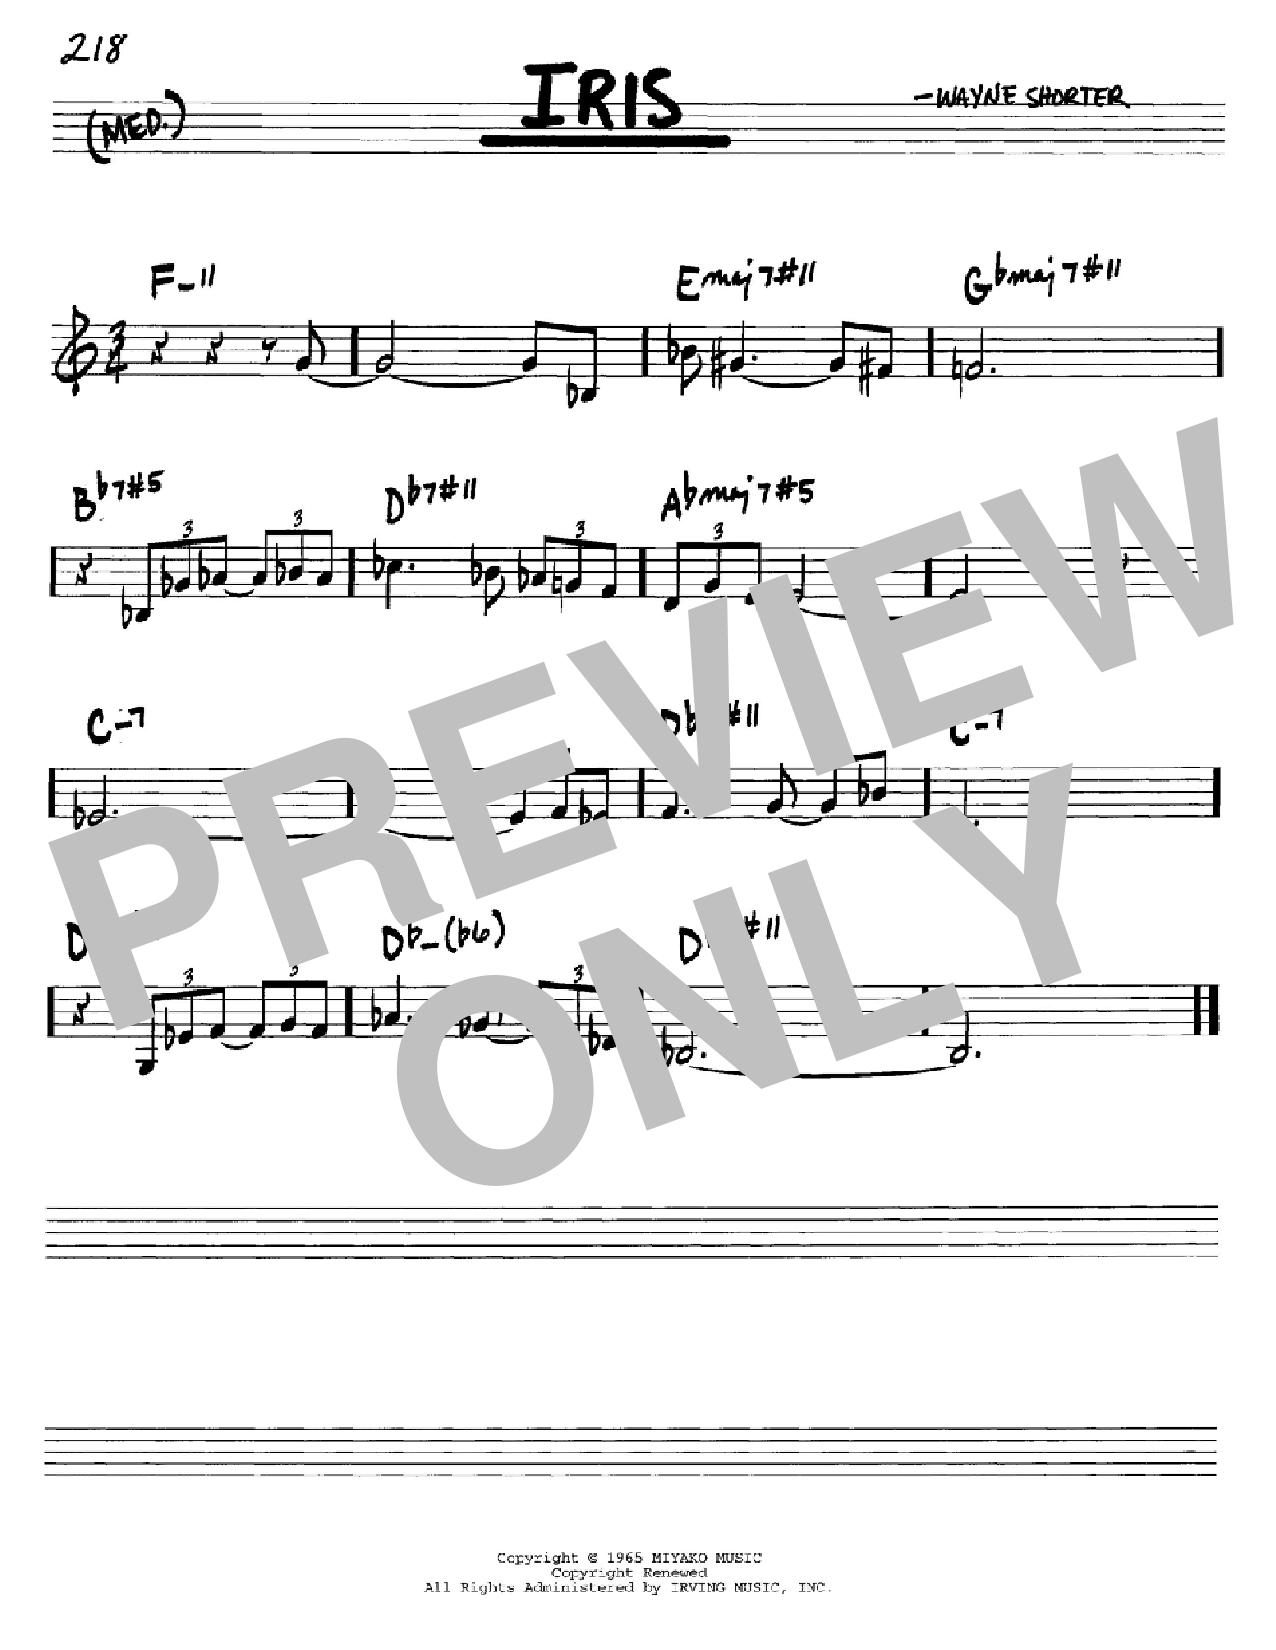 Partition autre Iris de Wayne Shorter - Real Book, Melodie et Accords, Inst. En Do